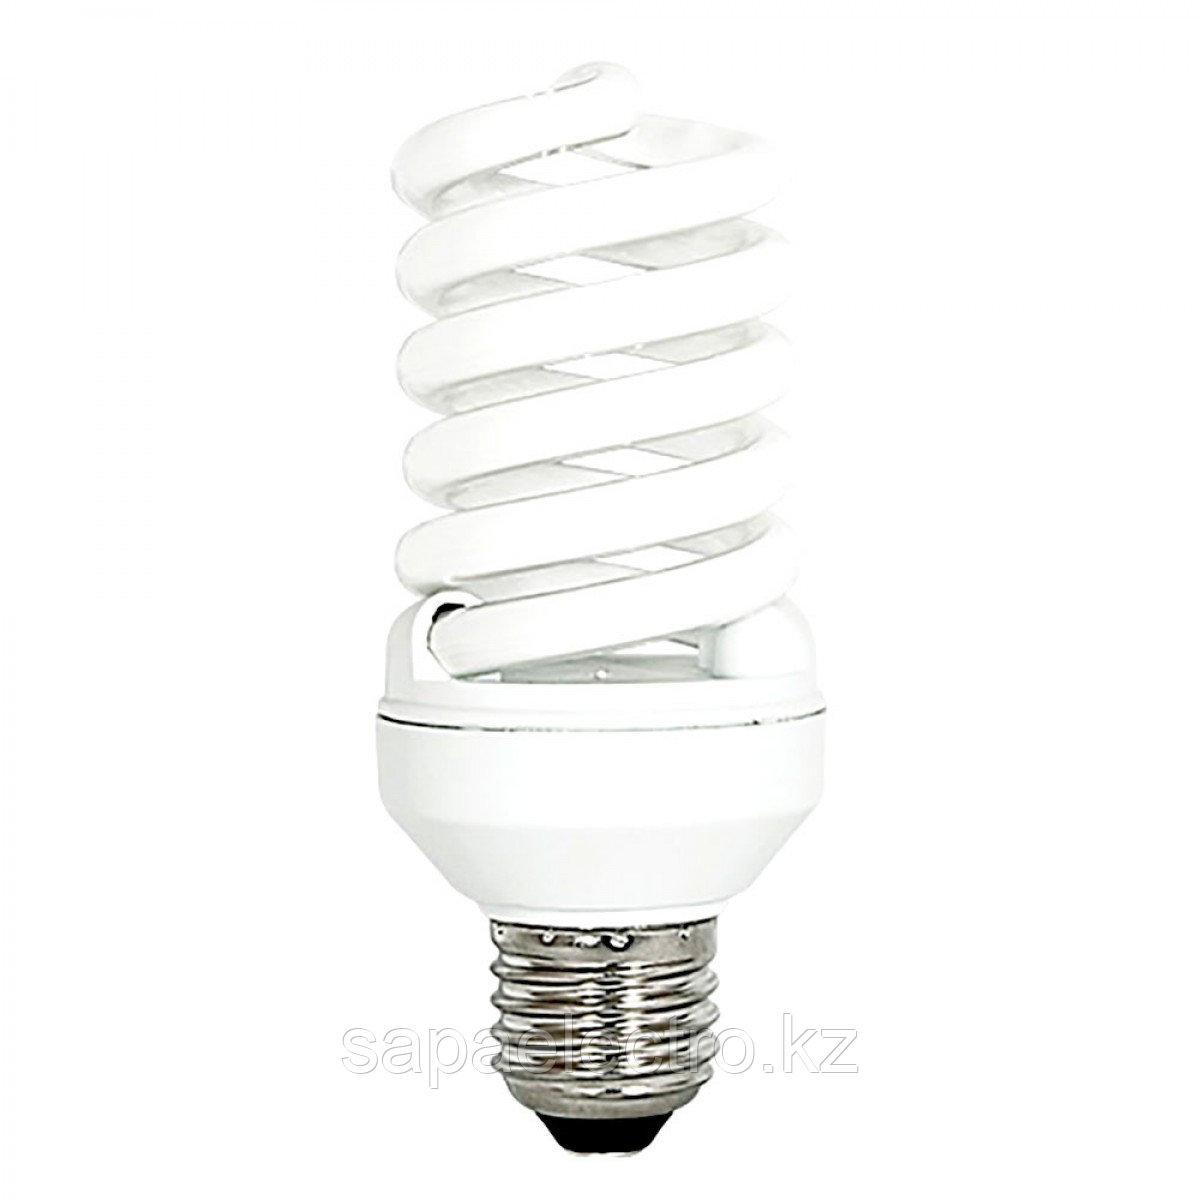 Лампа SPIRAL TINY  25W   E27   827   (TL) 50шт